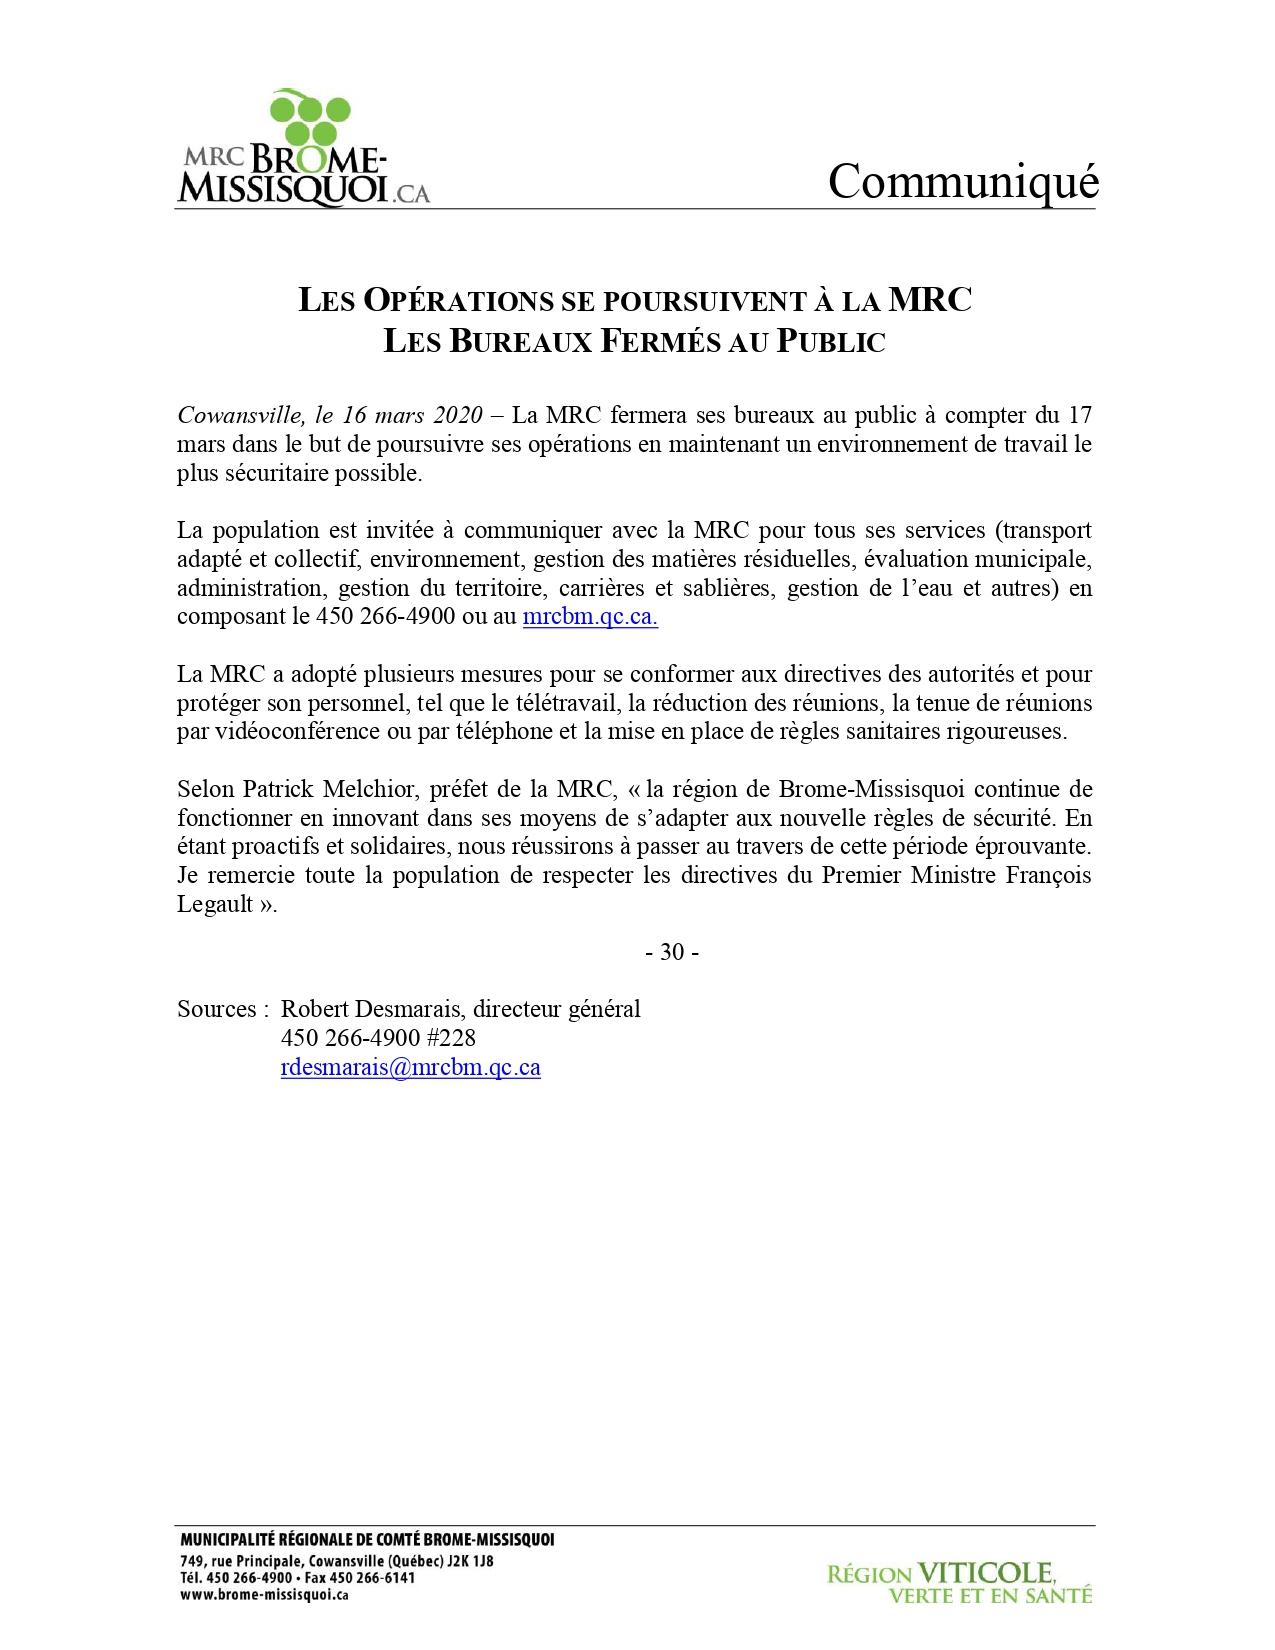 (Français) MRC/CLD de Brome-Missisquoi - bureaux fermés au public